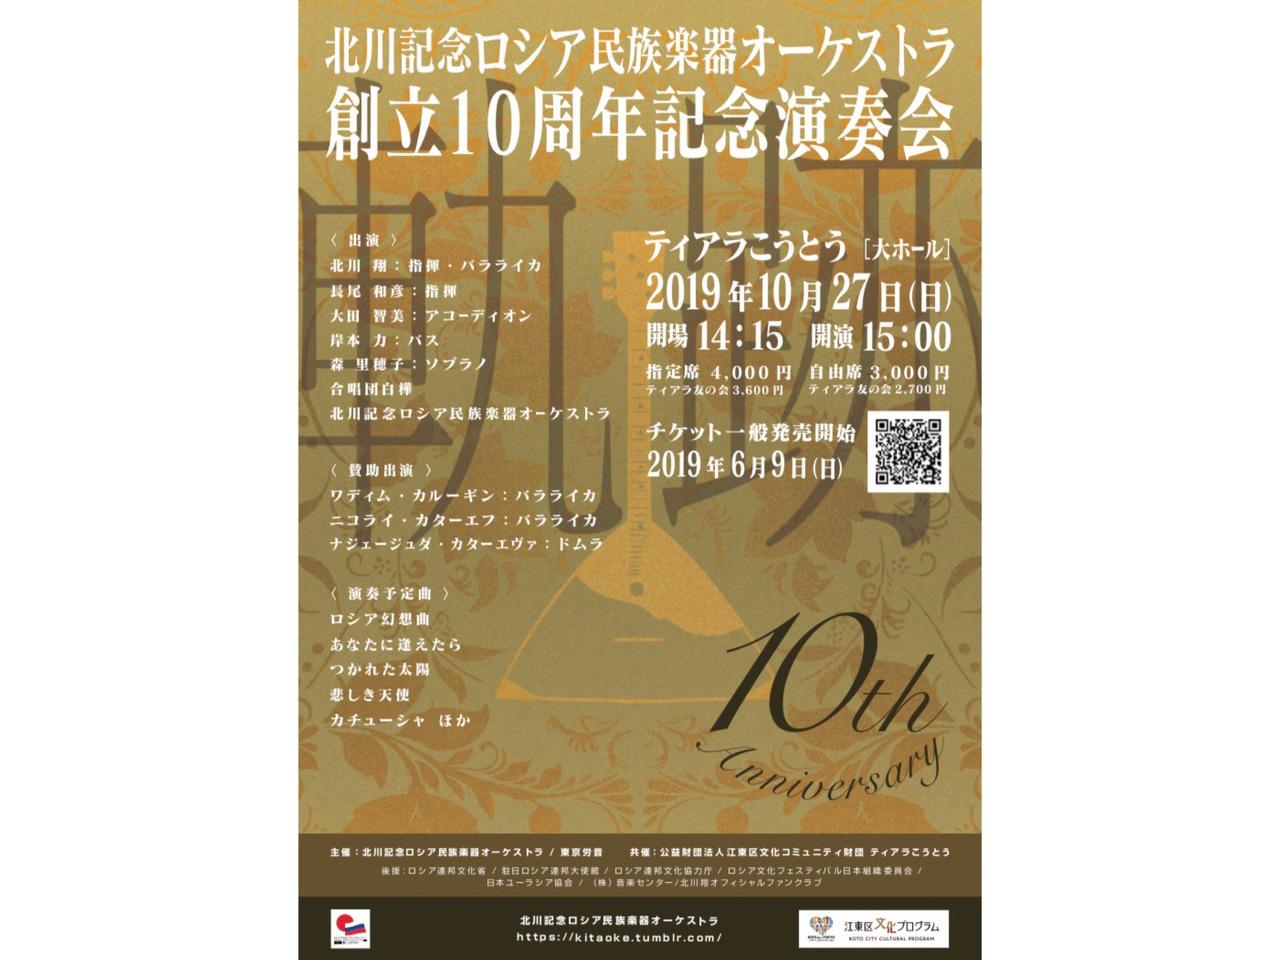 北川記念ロシア民族楽器オーケストラ 創立10周年記念演奏会 ~軌跡~ @ 東京・ティアラこうとう 大ホール